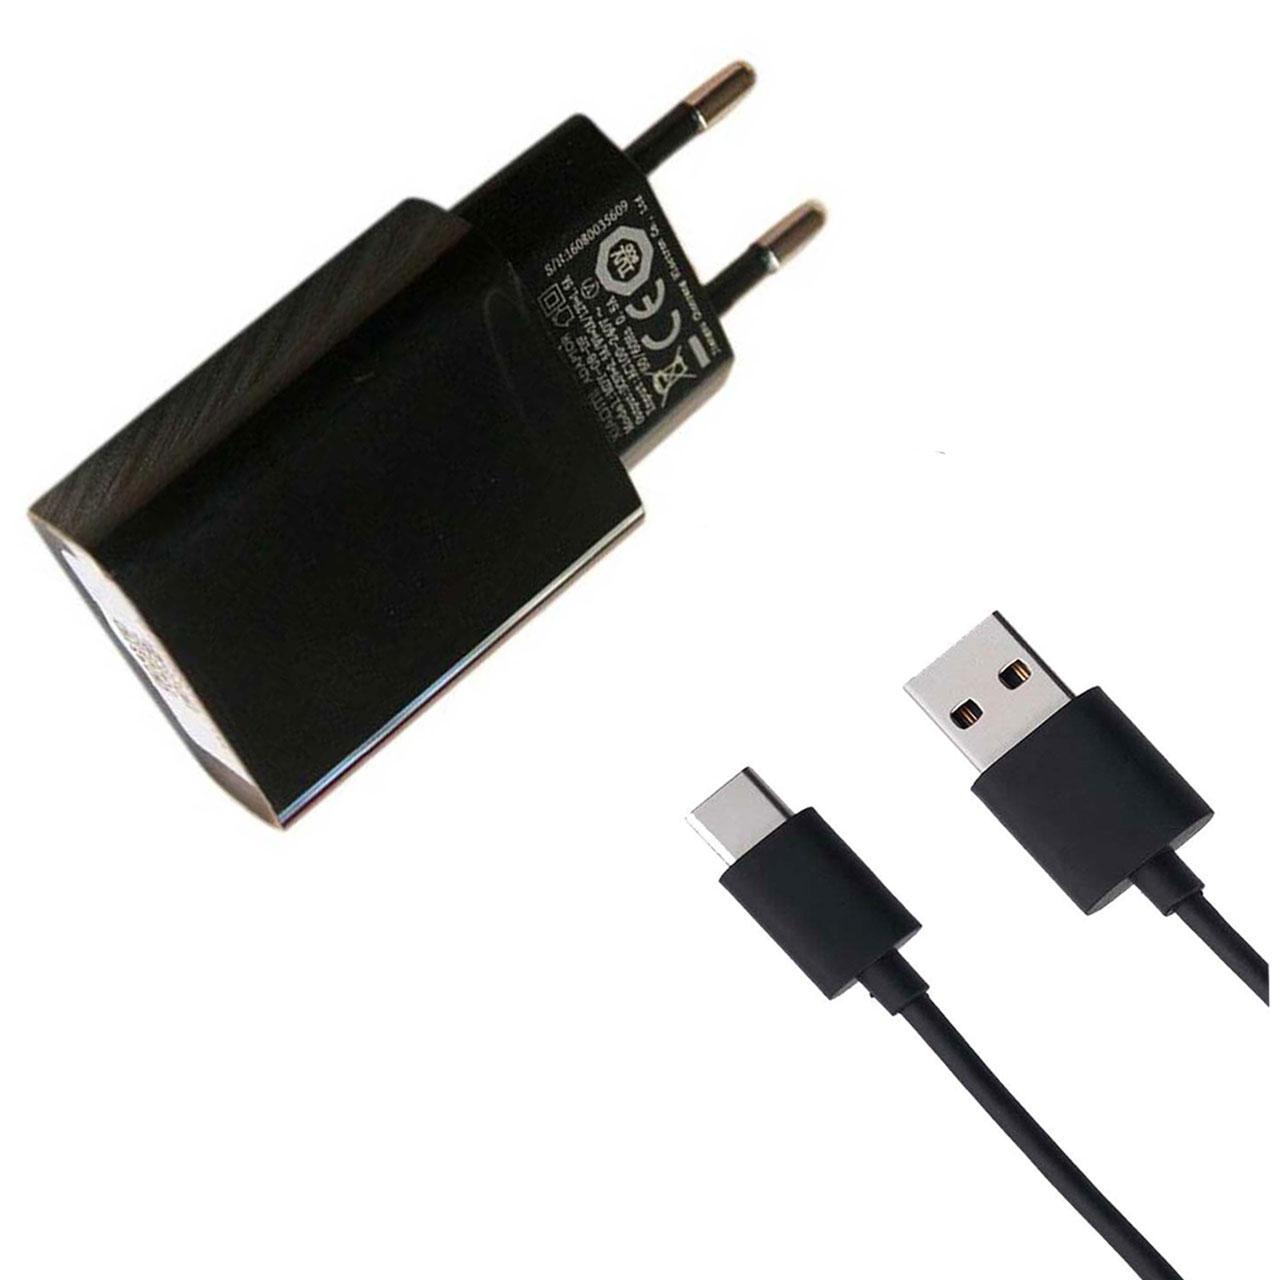 شارژر  دیواری شیائومی مدلMDY-08-DF به همراه کابل تبدیل USB-C